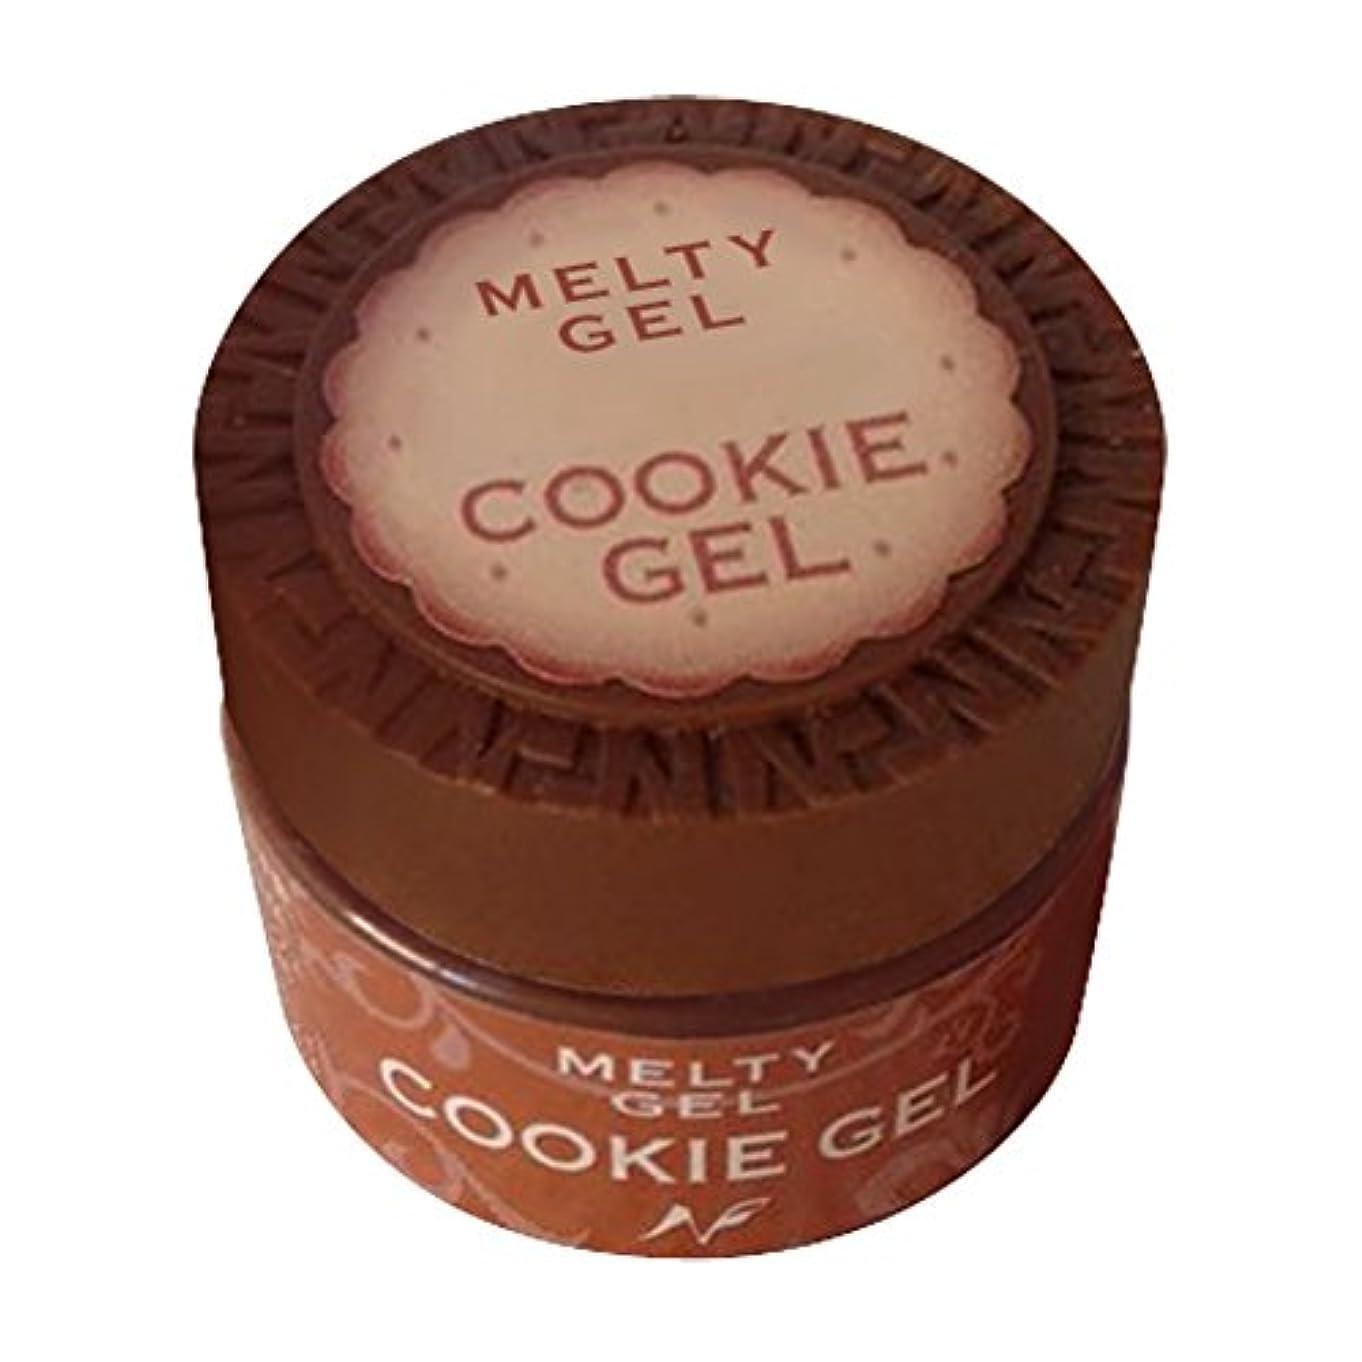 乱暴な深い貸し手Natural Field Melty Gel クッキージェル 3907スカイブルー 5g